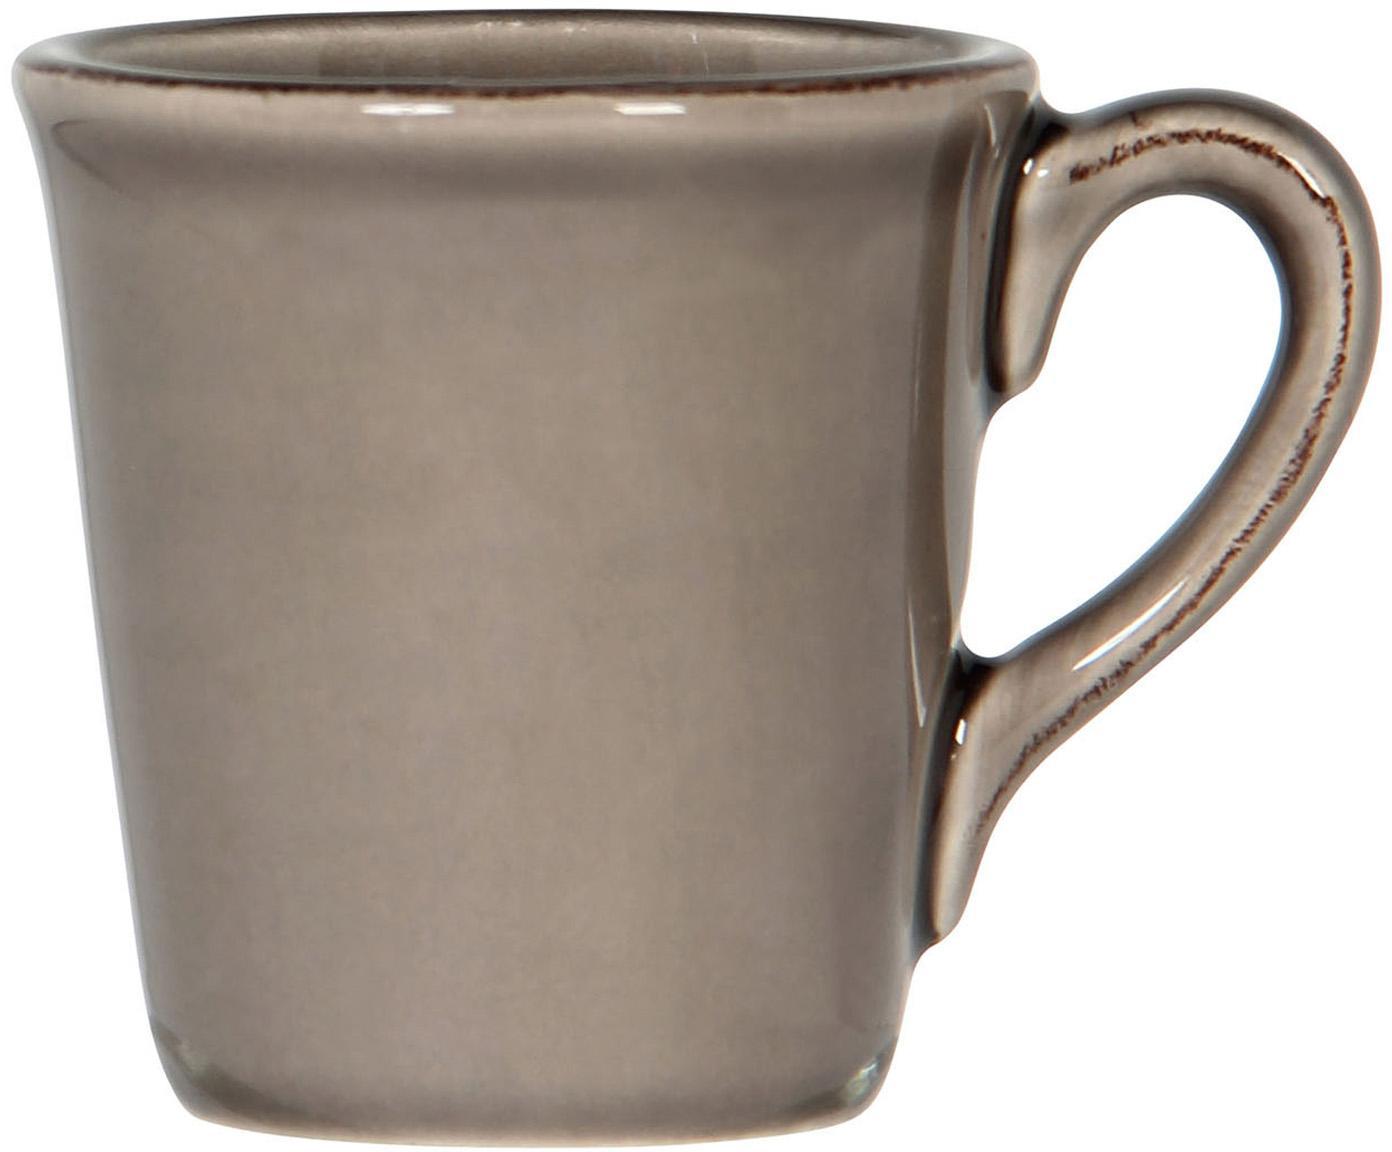 Tazas de café Constance, 2uds., Gres, Marrón, Ø 8 x Al 6